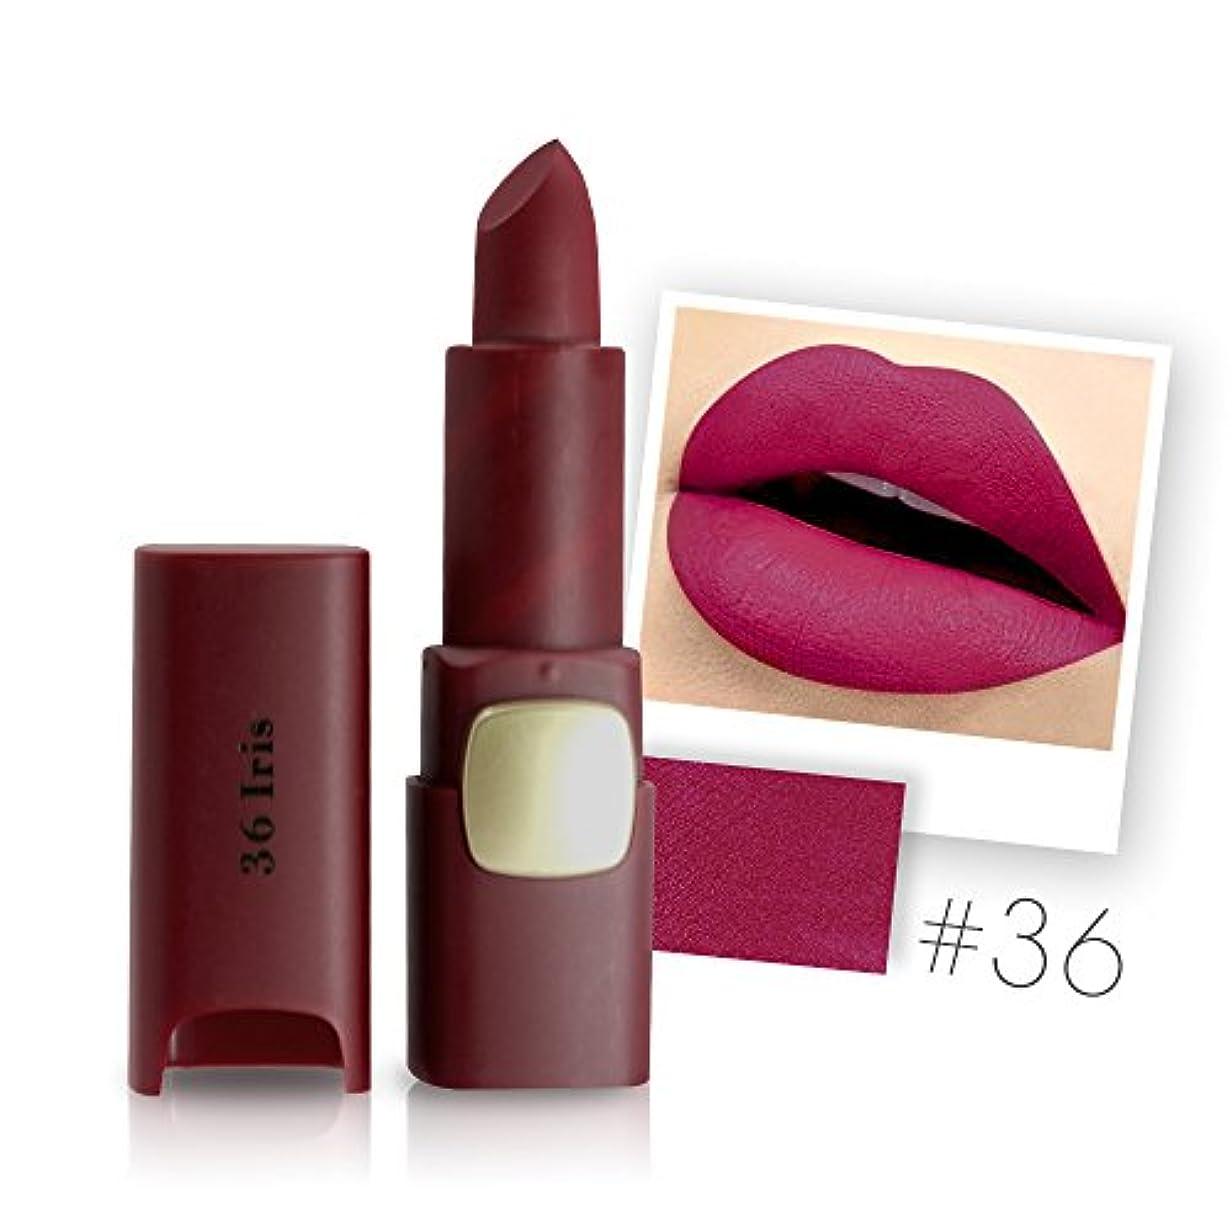 任命するテザー役立つMiss Rose Brand Matte Lipstick Waterproof Lips Moisturizing Easy To Wear Makeup Lip Sticks Gloss Lipsticks Cosmetic